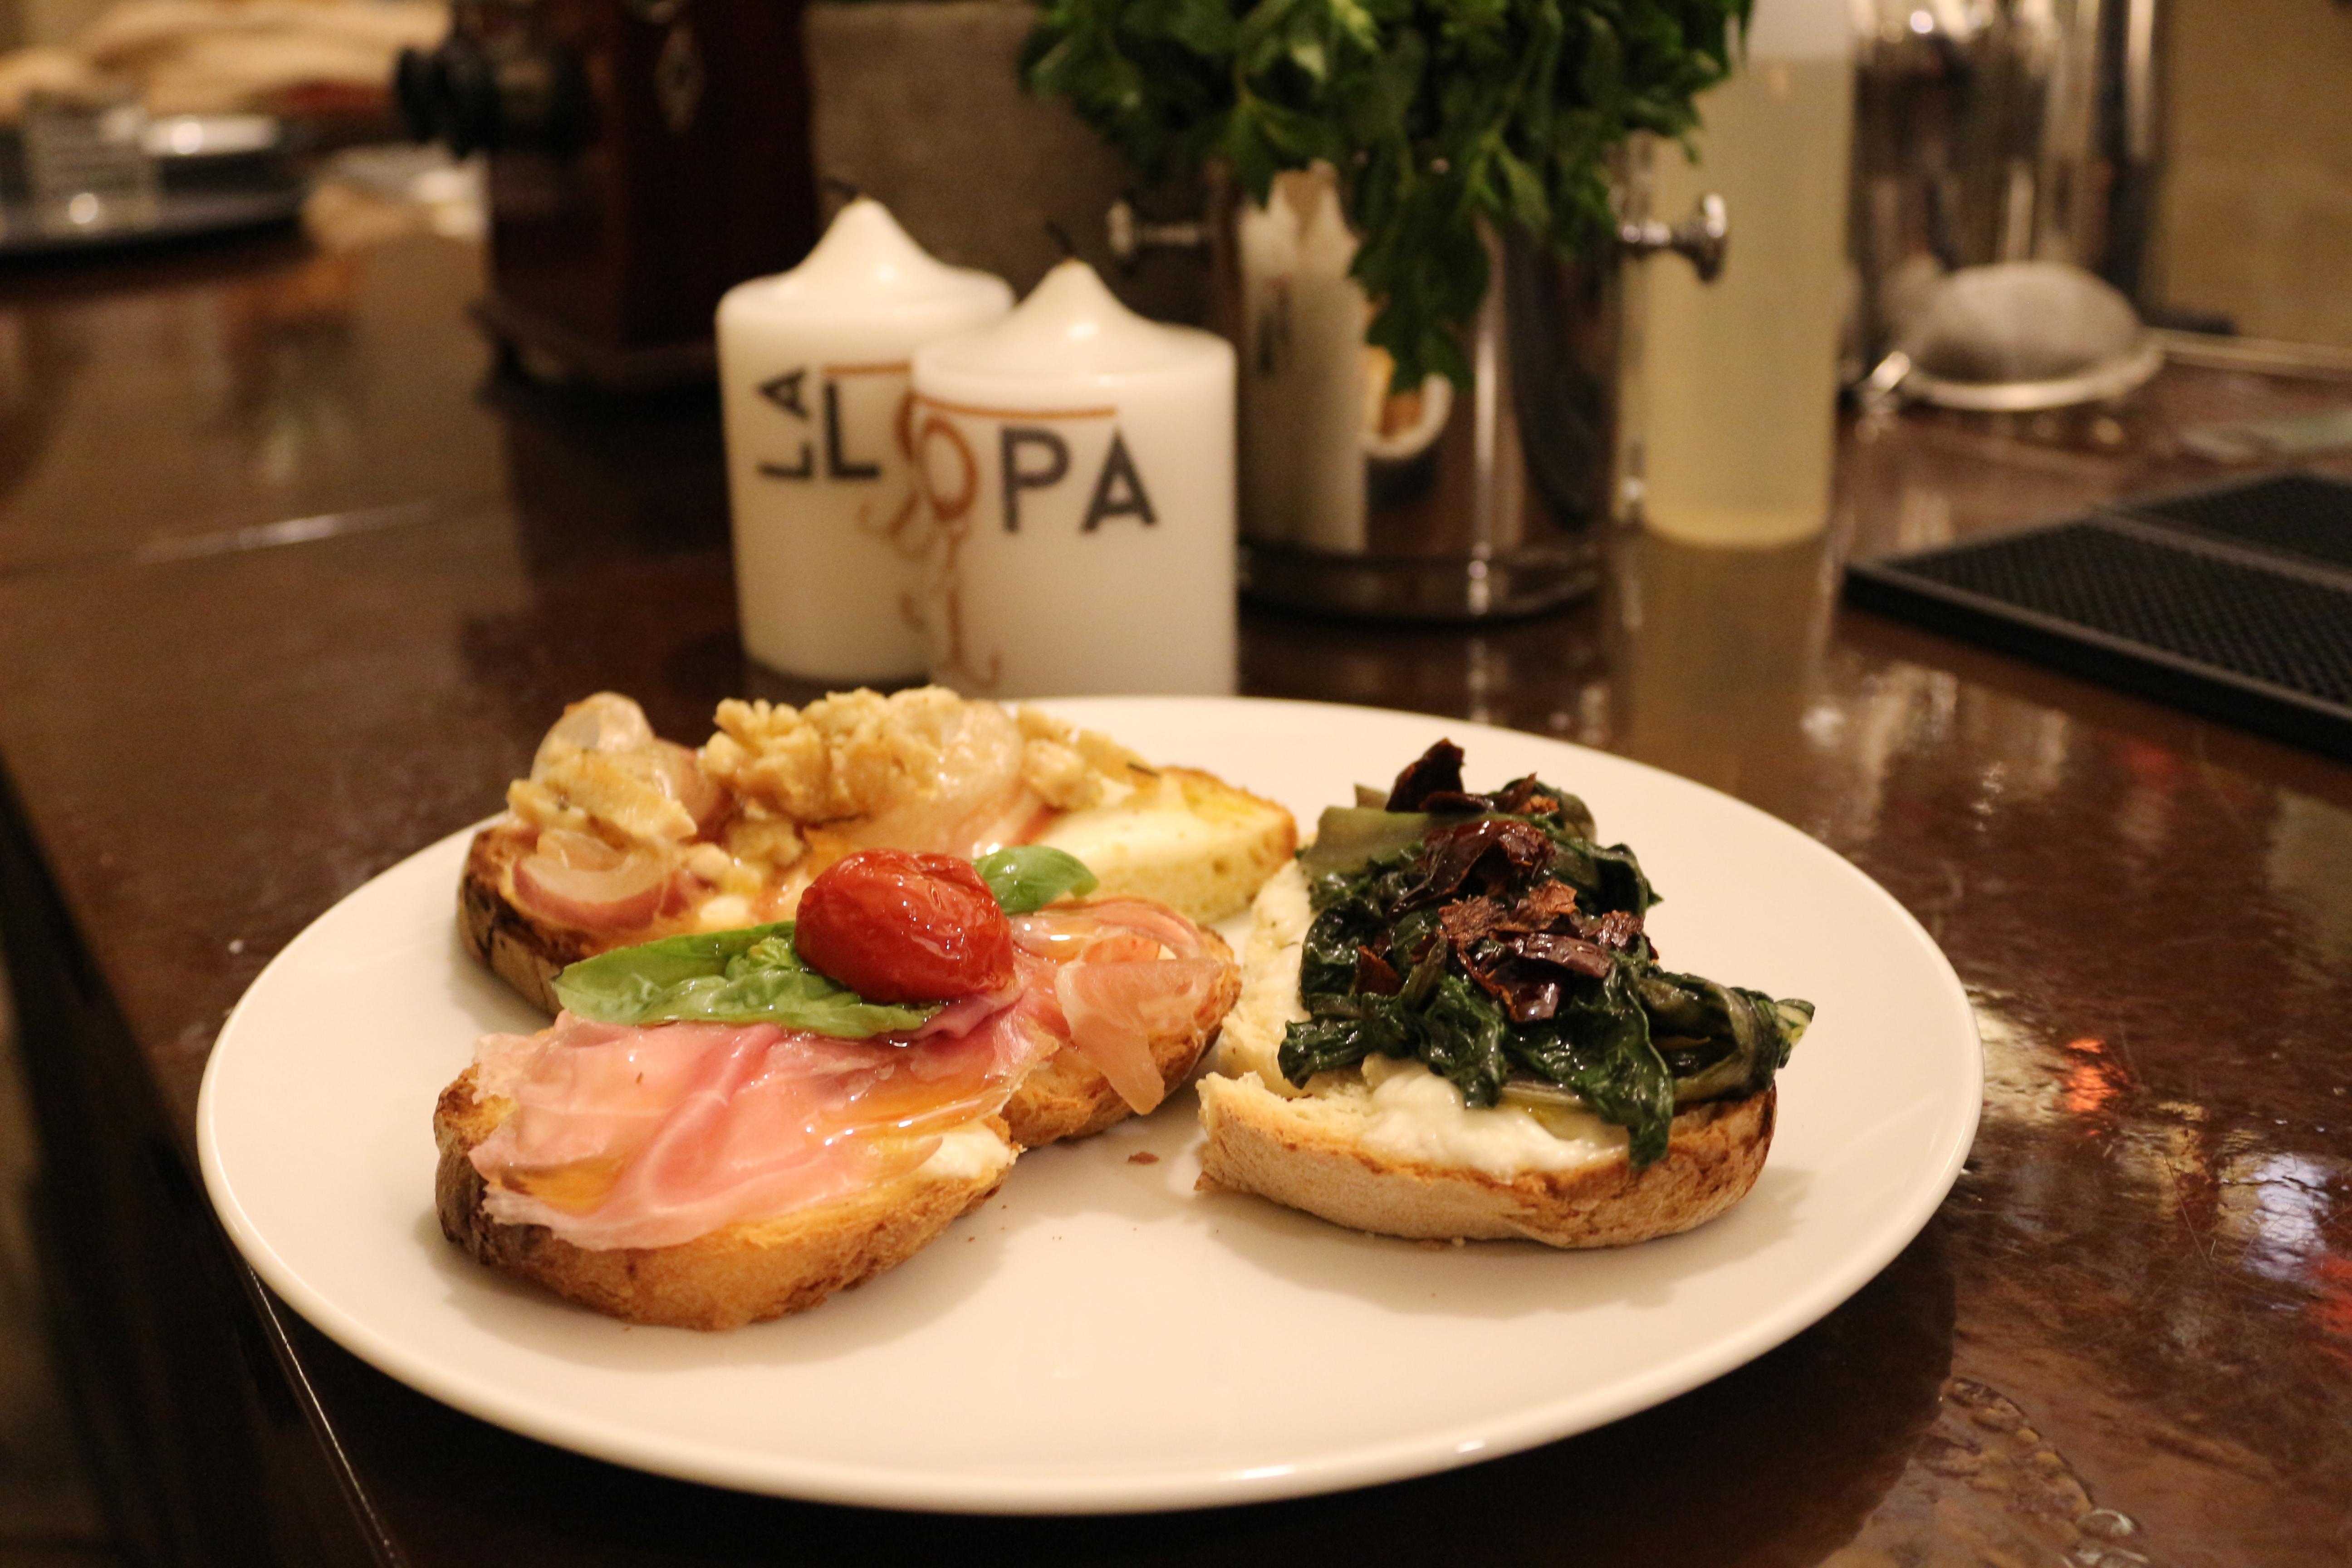 la-lopa-ristorante-pub-aperitivi-stuzzicheria-wine-bar-happy-hour-sassi-di-matera-basilicata43